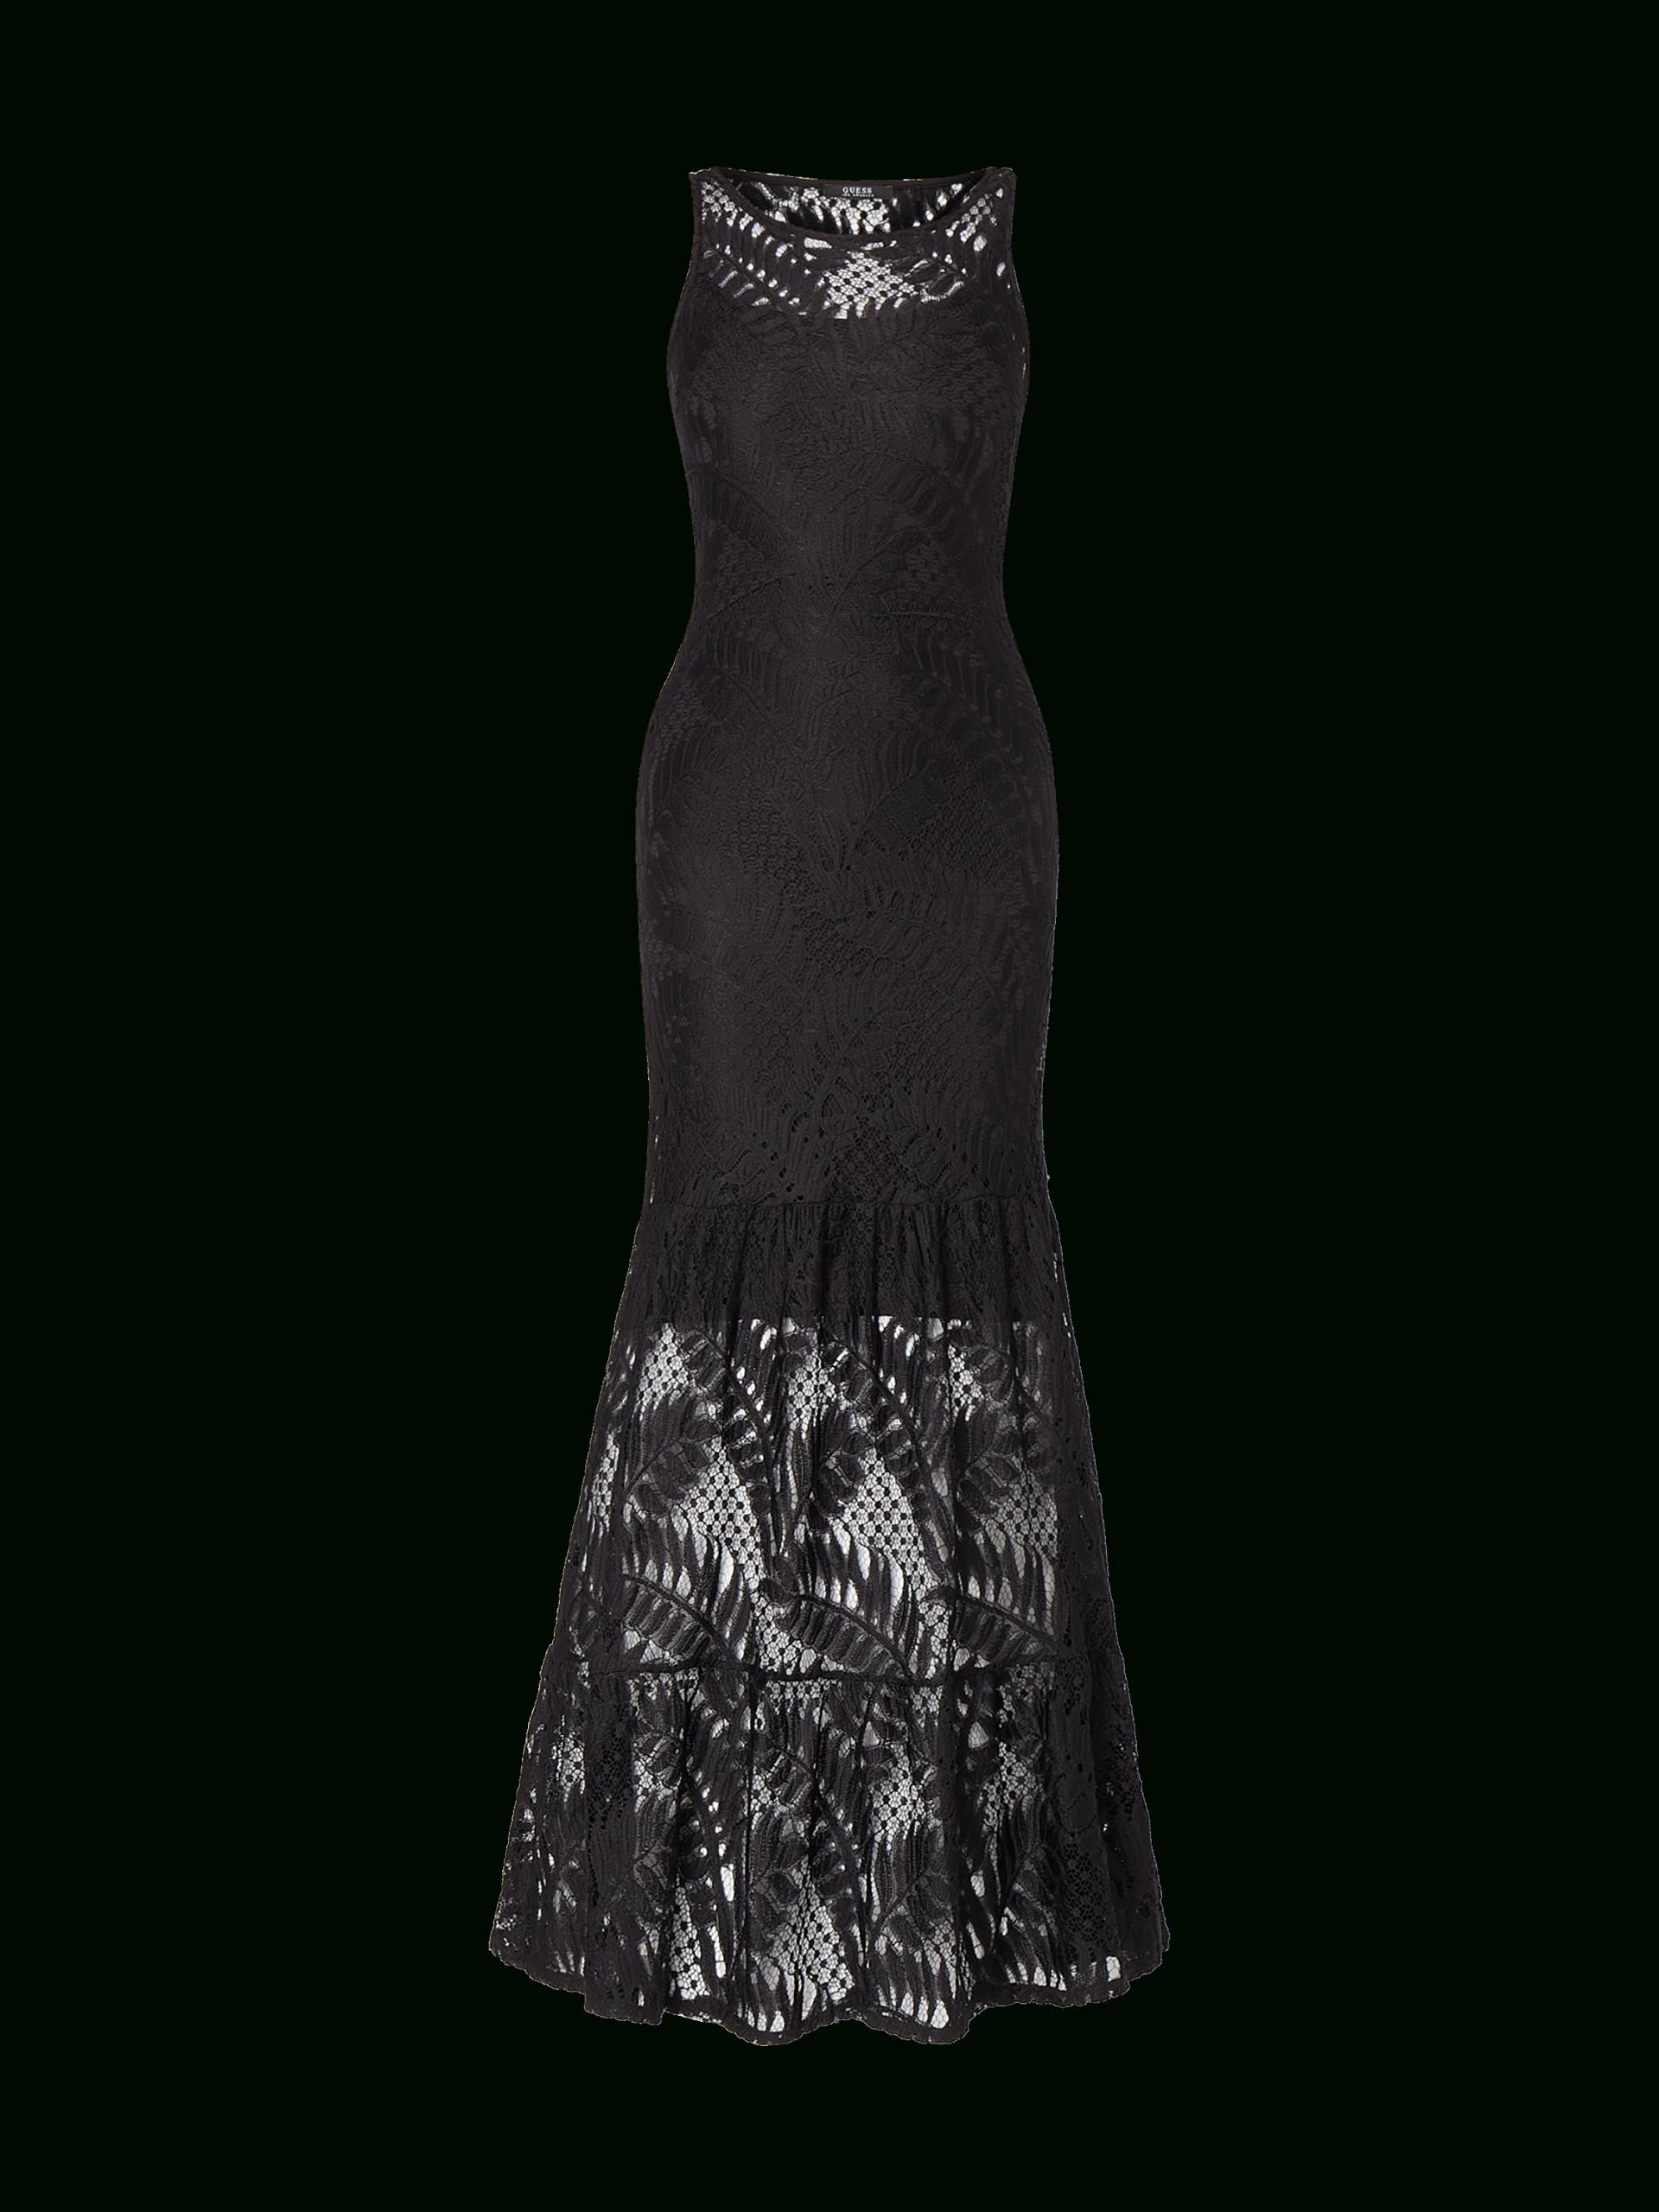 10 Genial Guess Abend Kleid für 201920 Schön Guess Abend Kleid Boutique